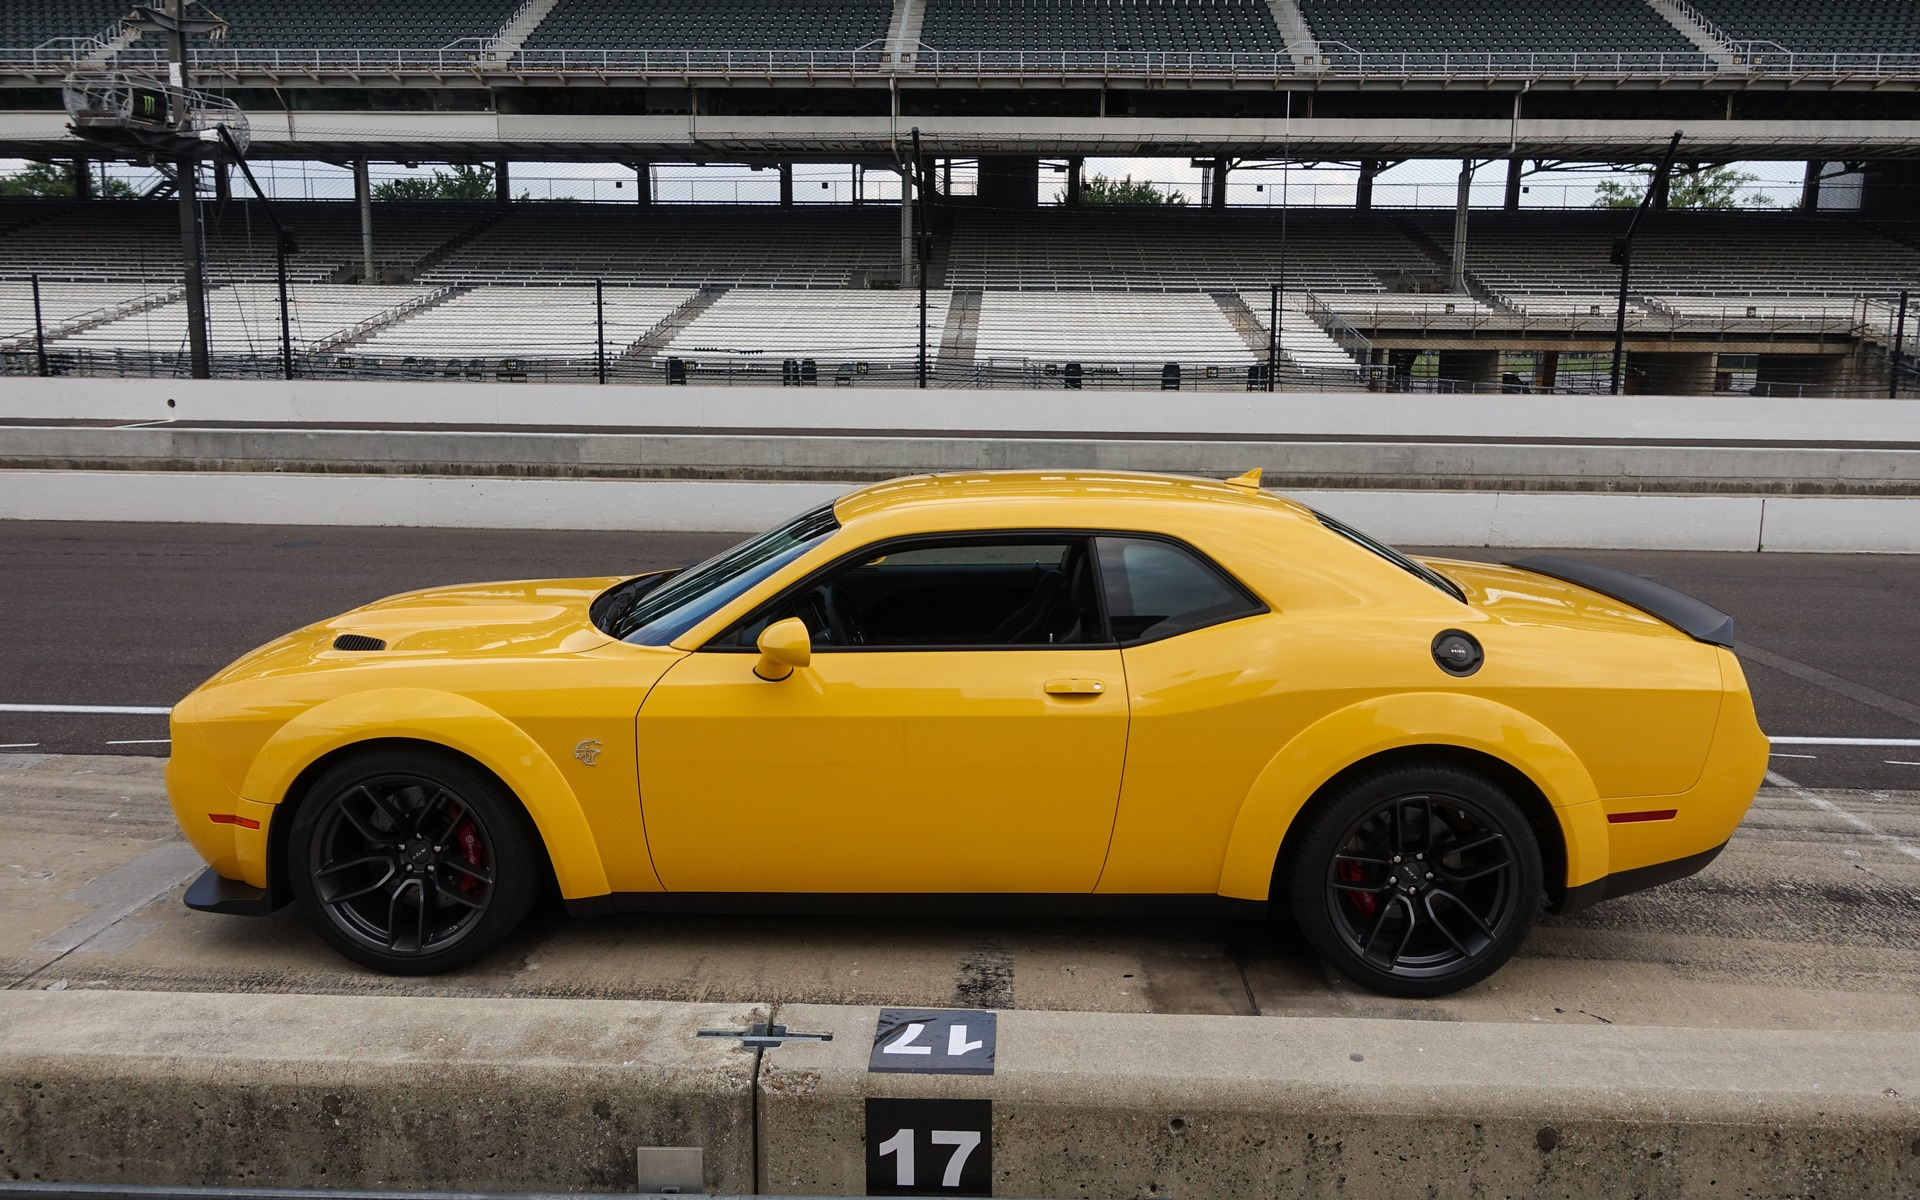 2018 Dodge Challenger SRT Hellcat Widebody: the Next ...